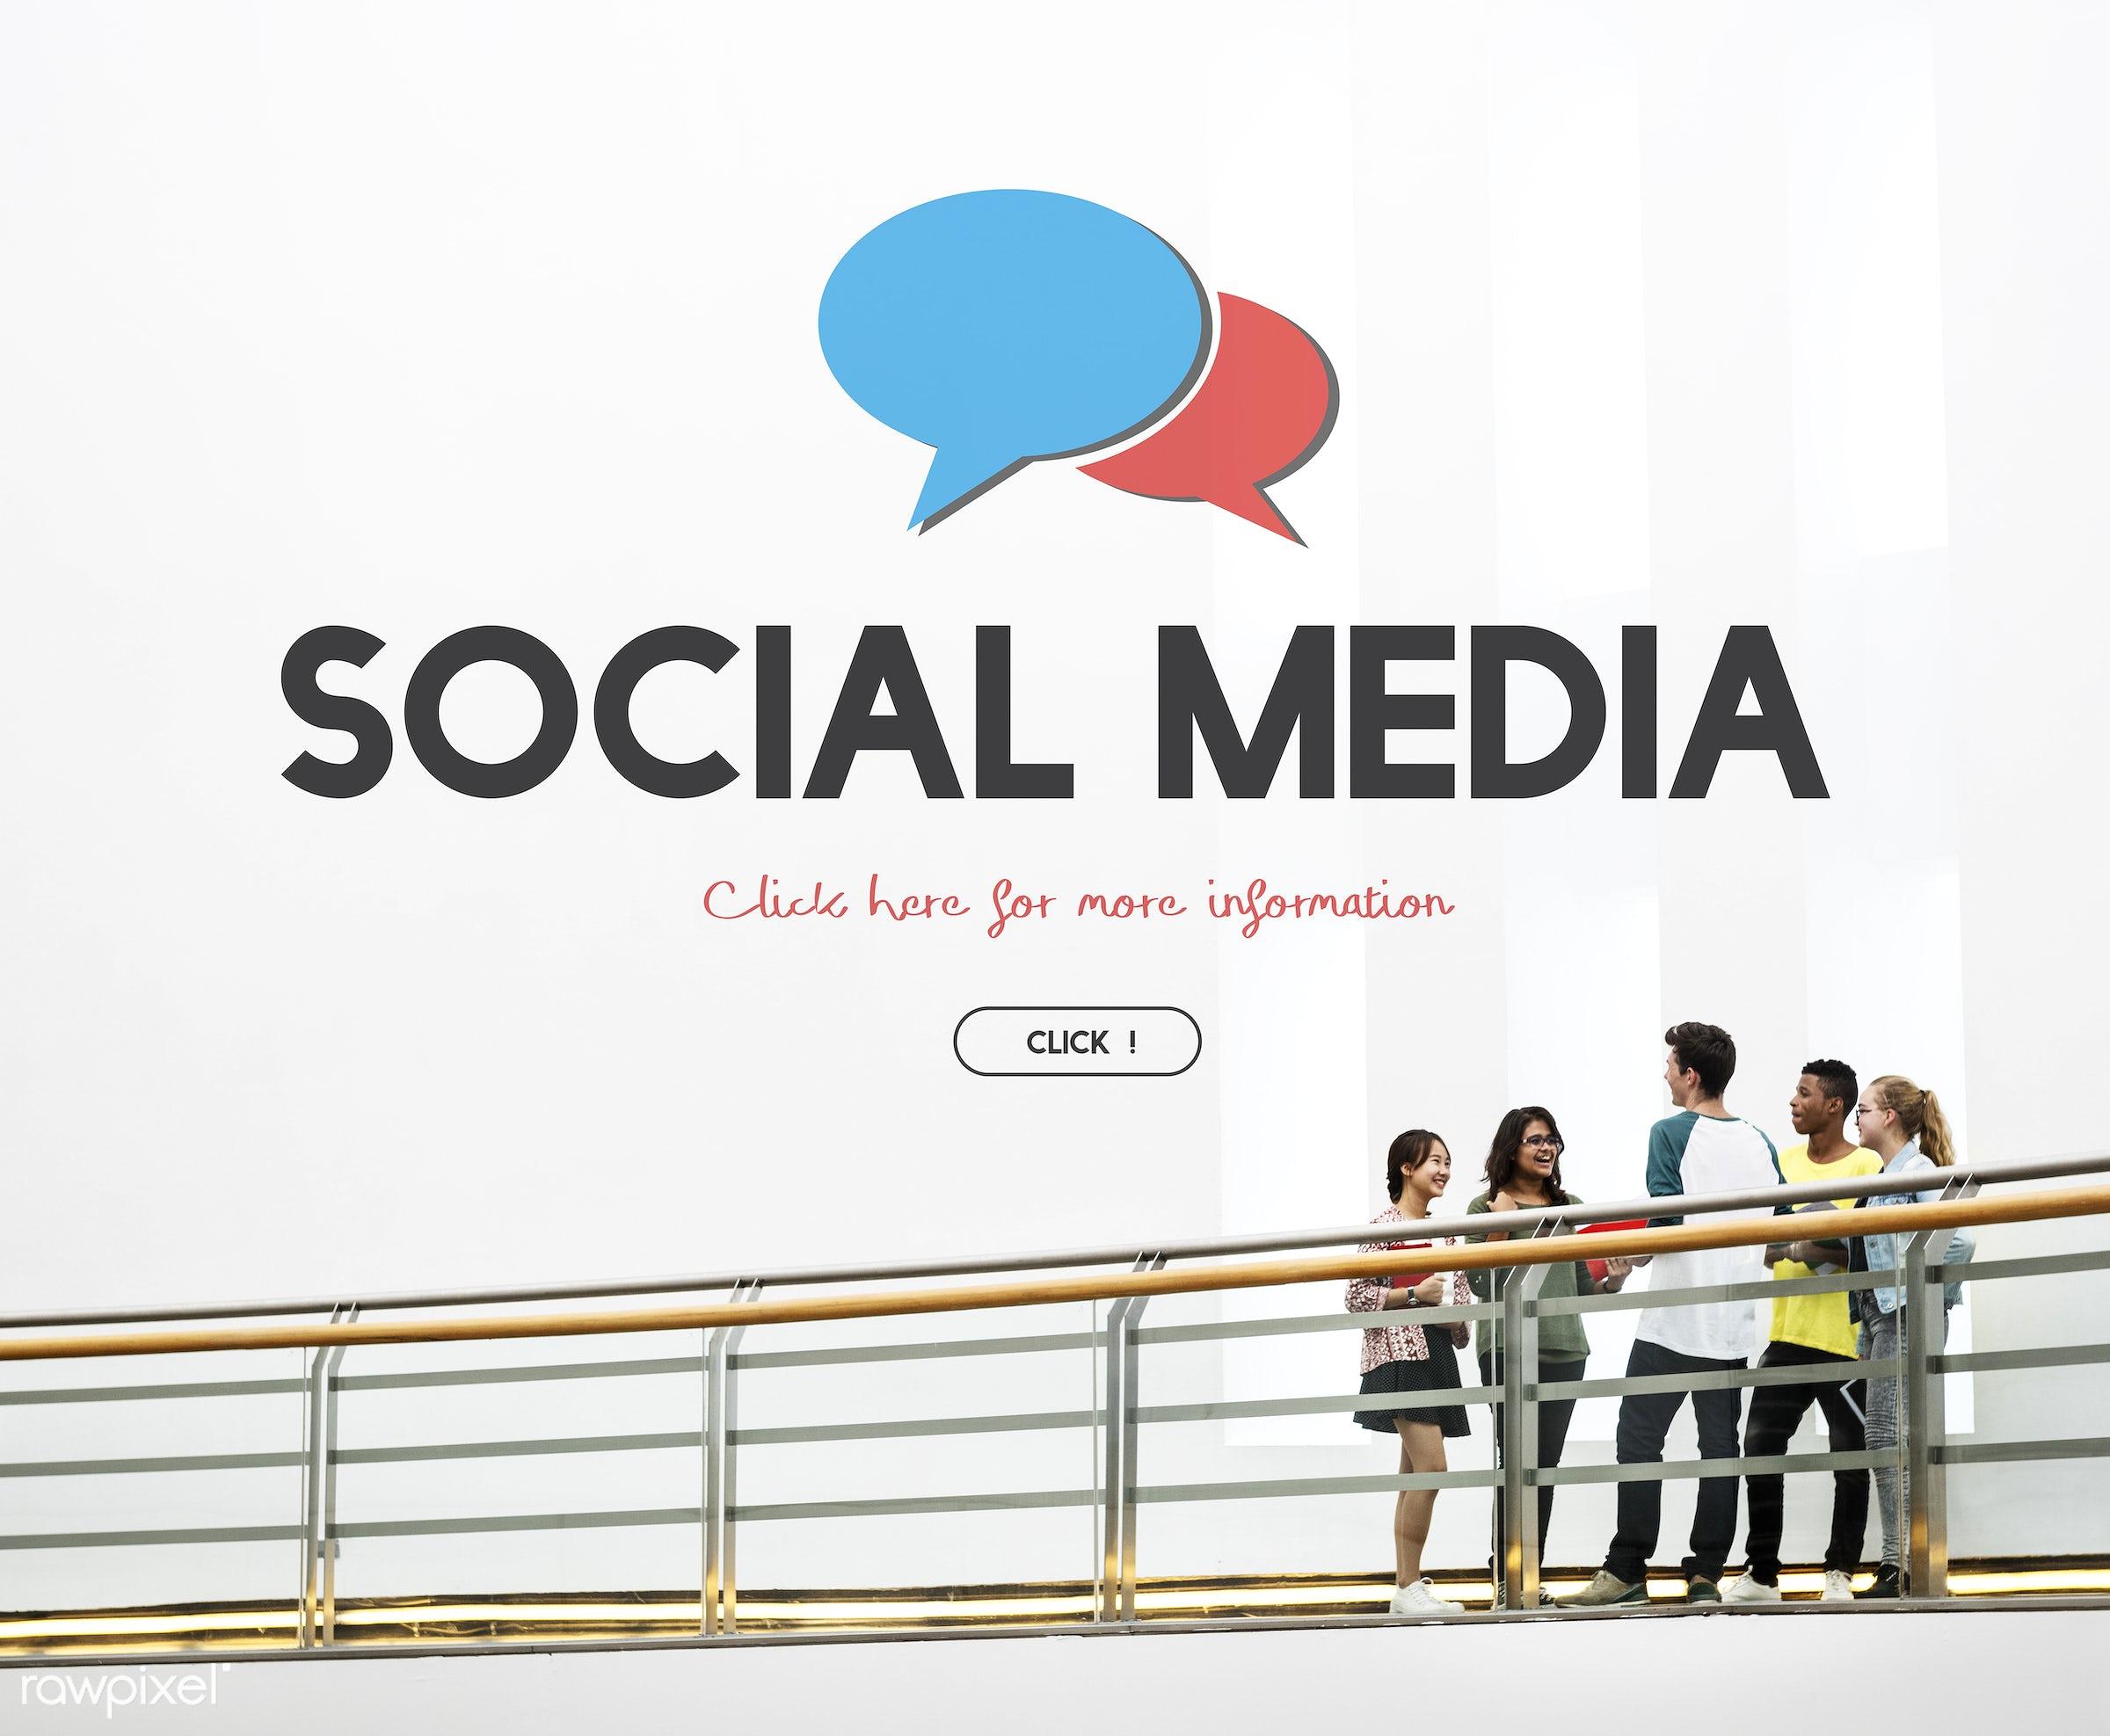 Social media - blog, boy, bridge, carrying, chat, communication, community, connection, conversation, friends, friendship,...